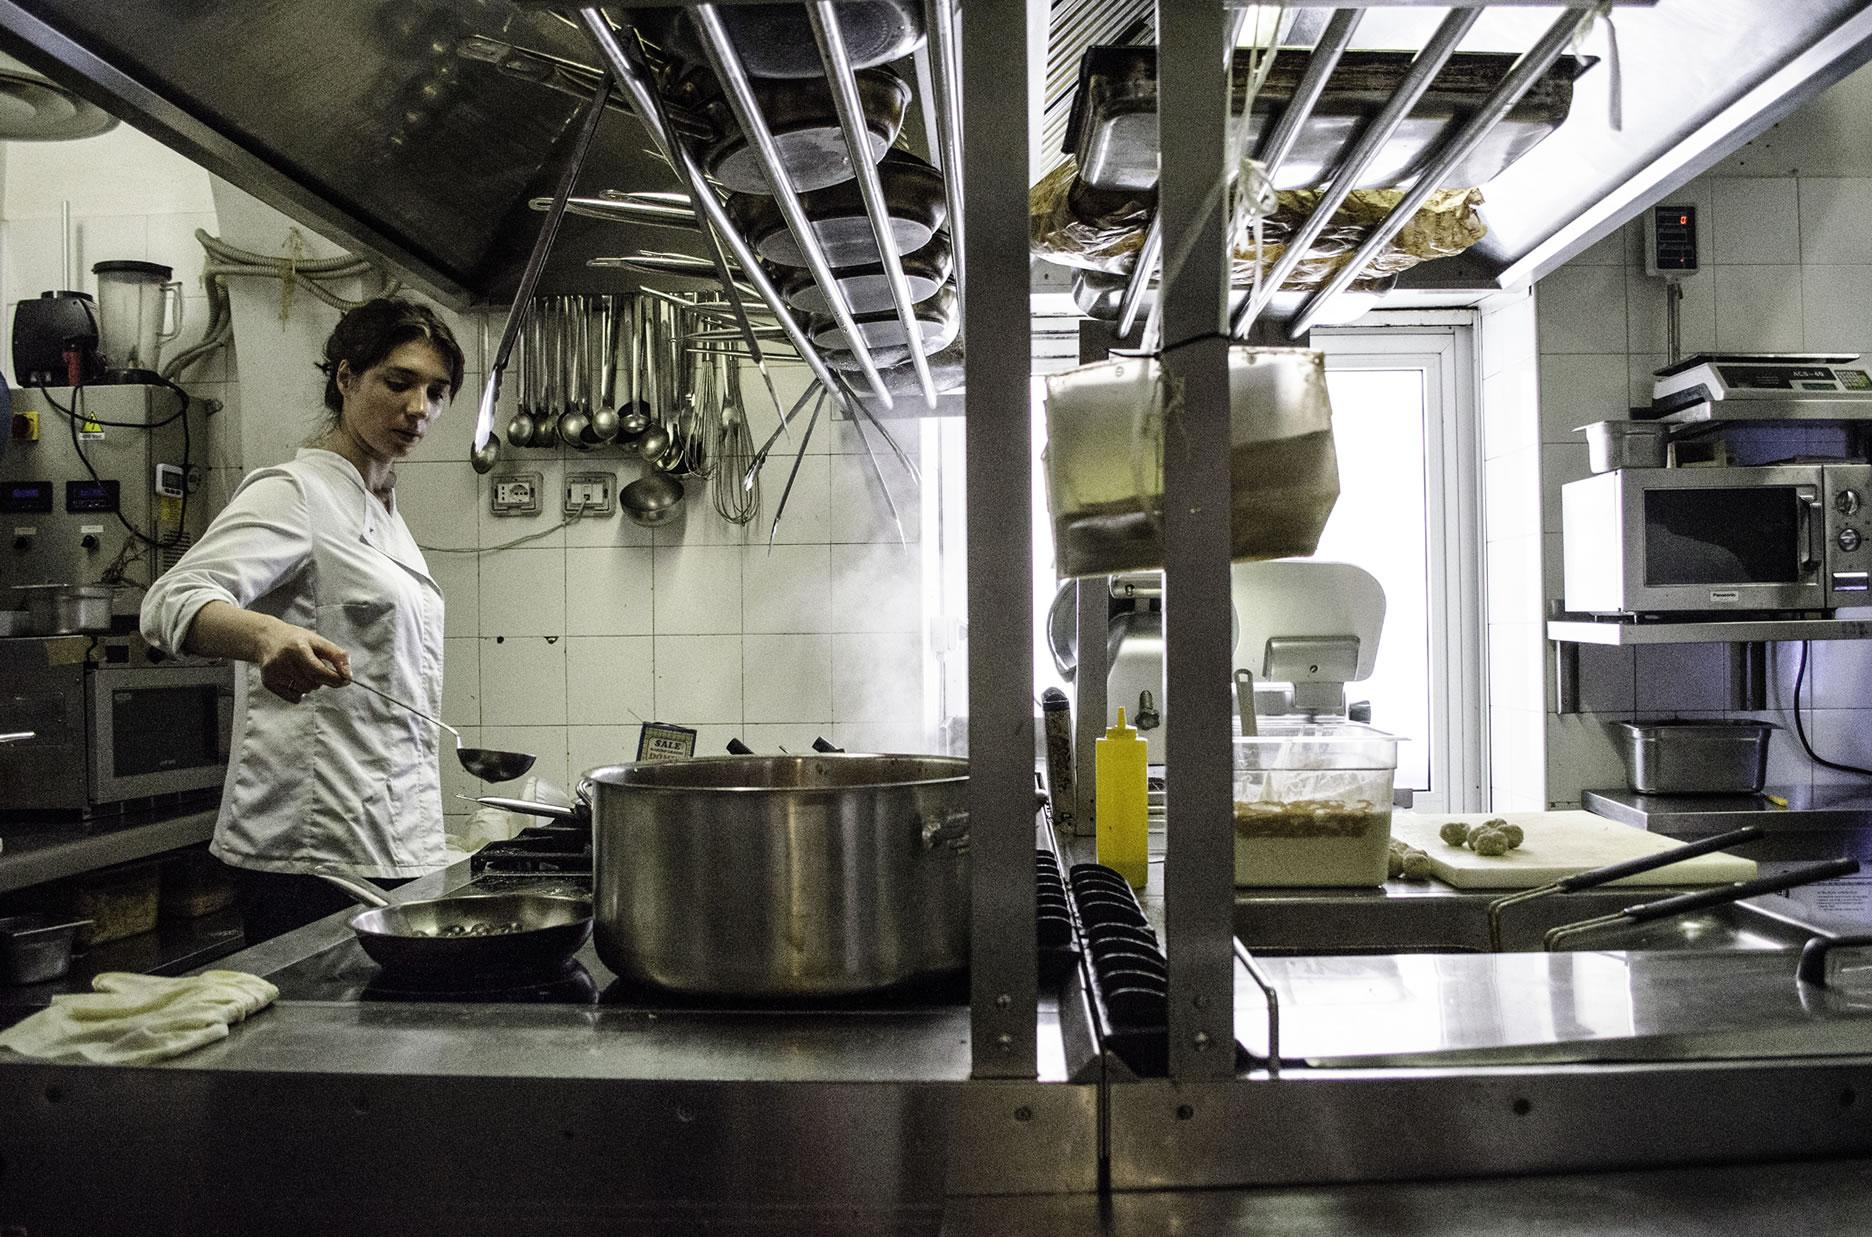 Anche Elisabetta contribuisce alla qualità della ristorazione